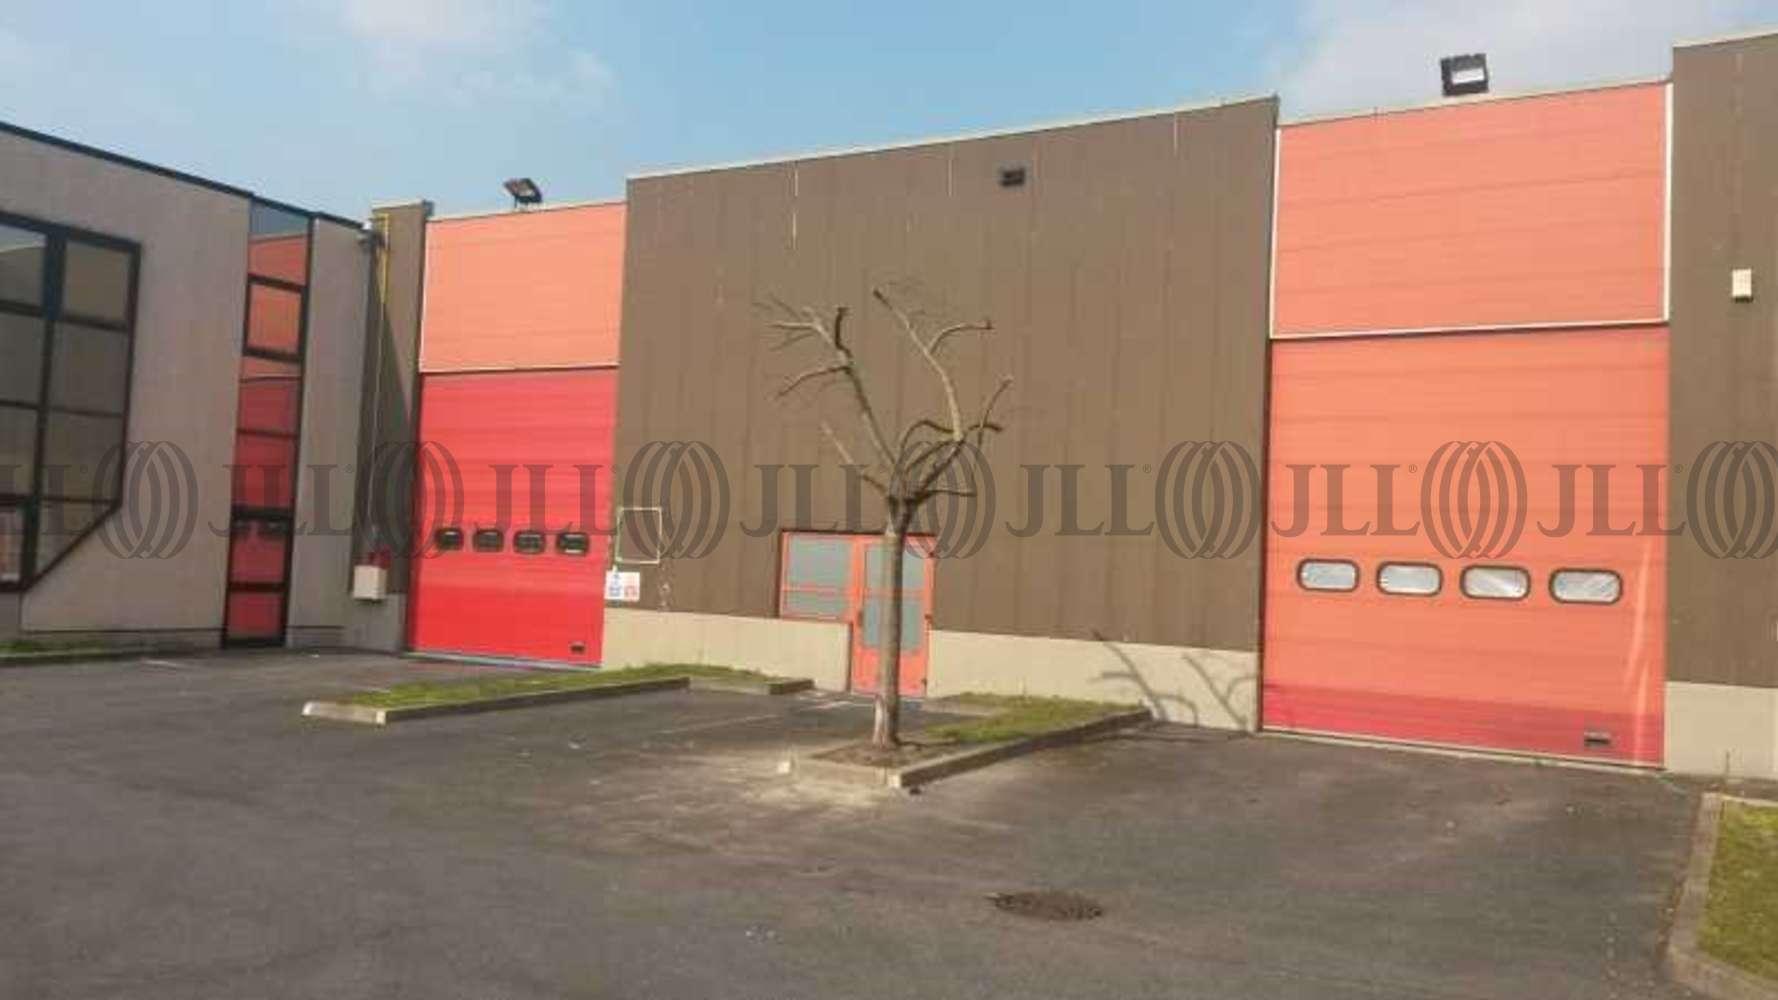 Activités/entrepôt La courneuve, 93120